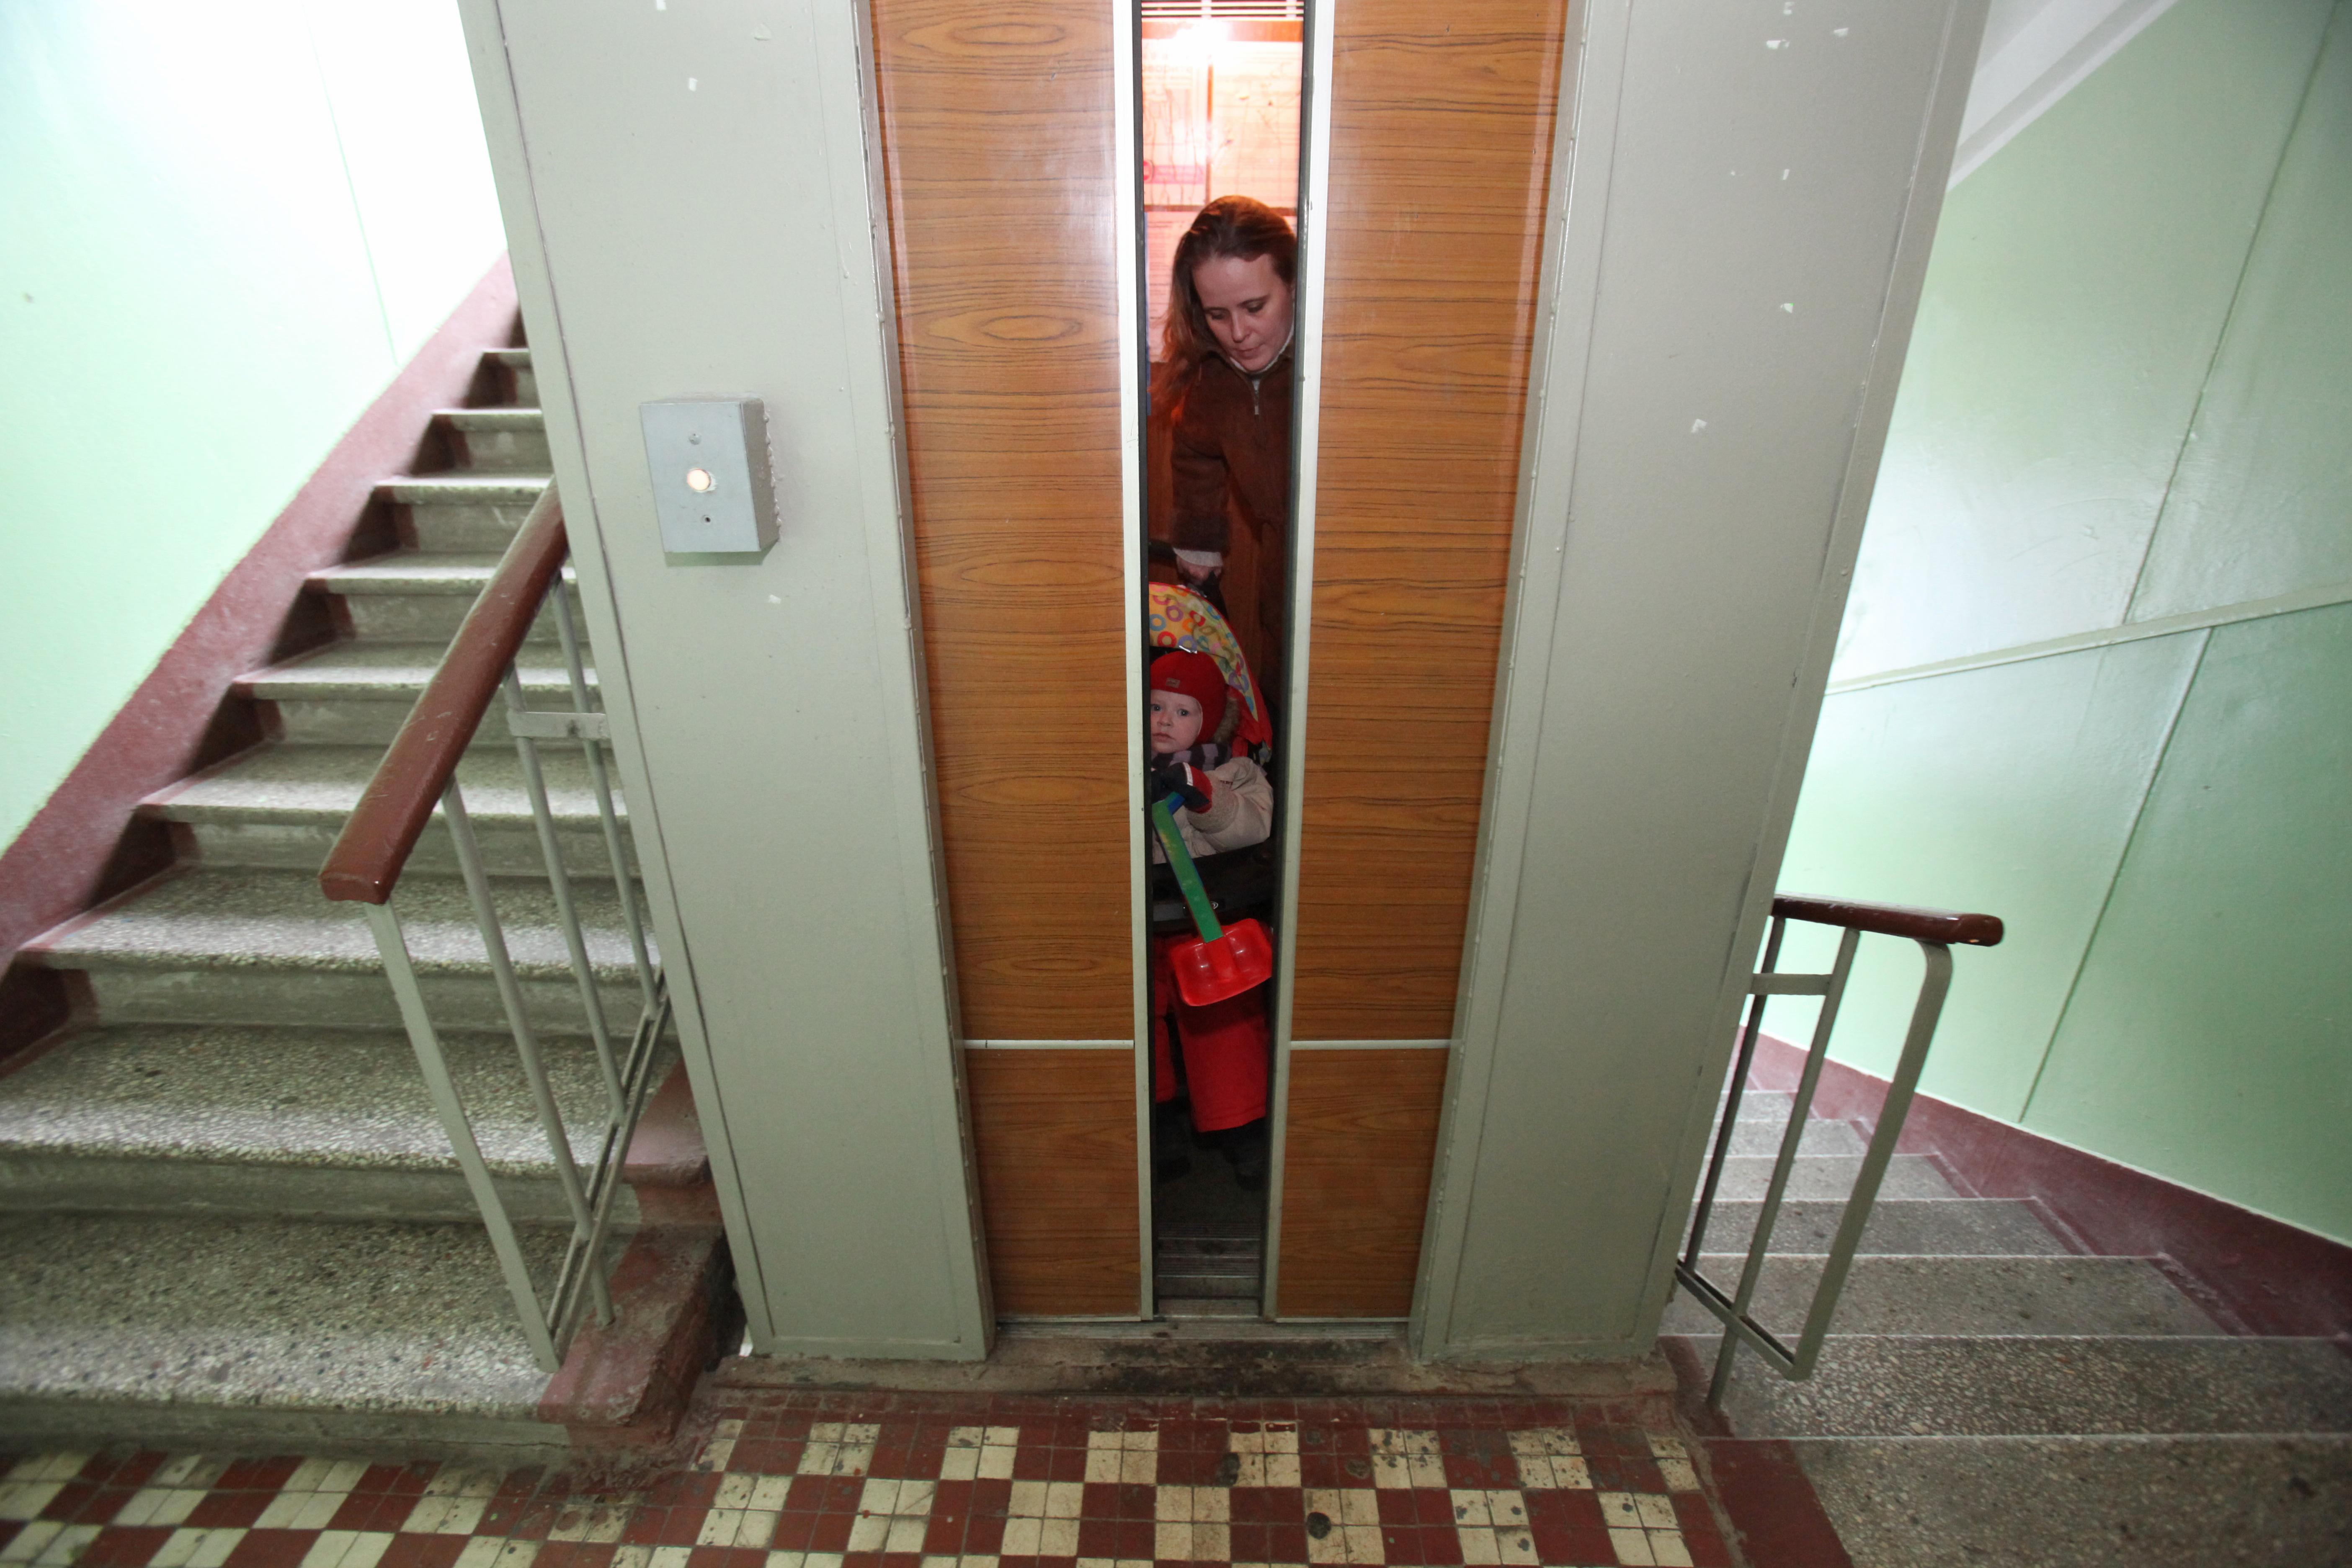 Результаты проверок московских лифтов и крыш будут доступны в интернете